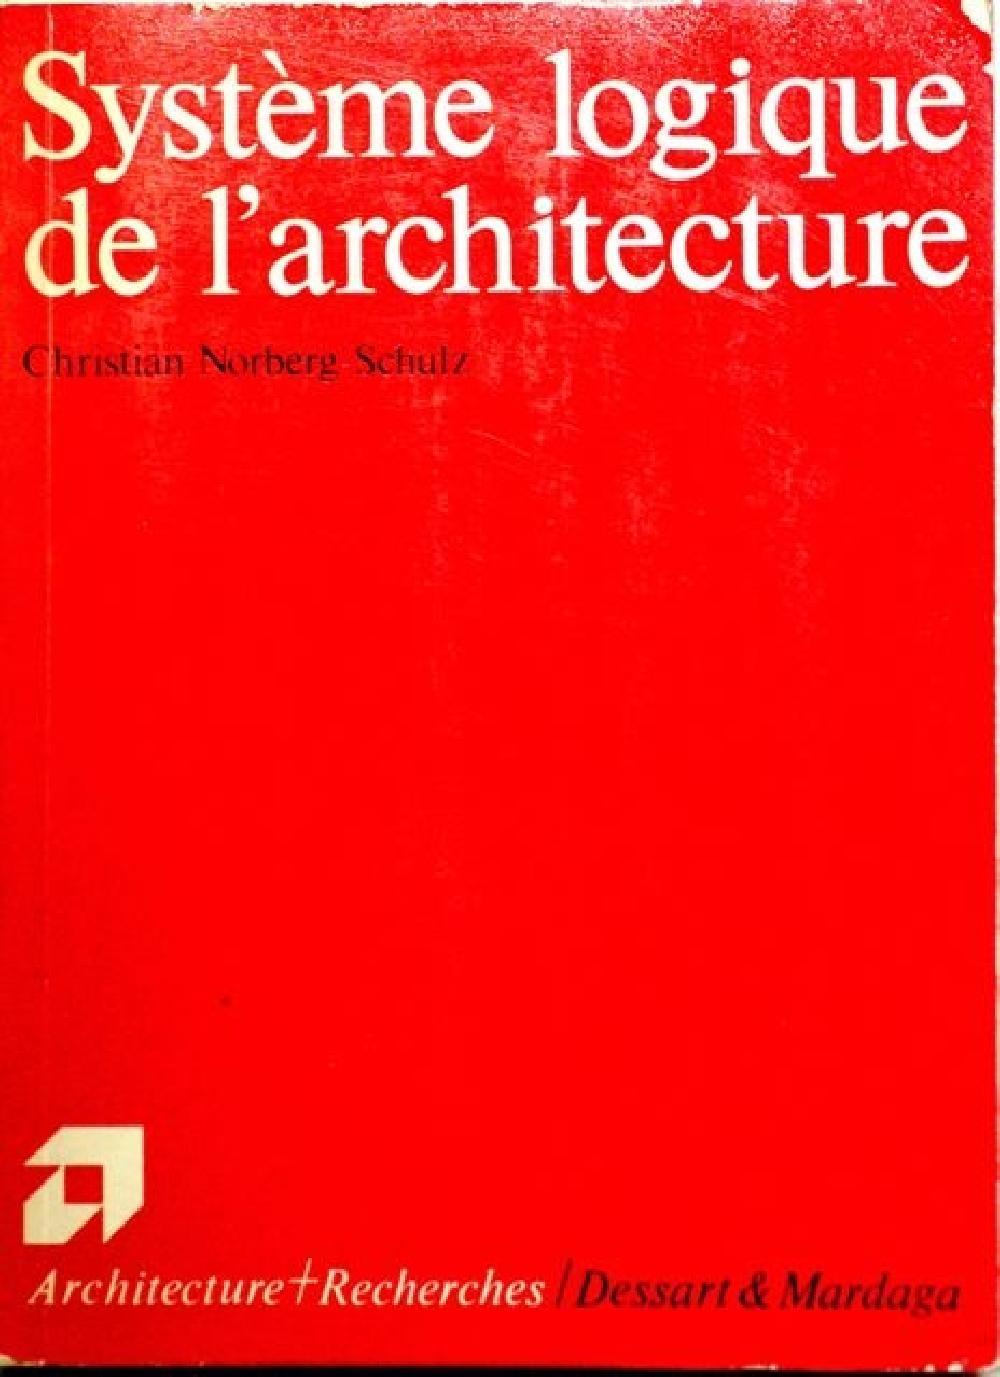 Système logique de l'architecture